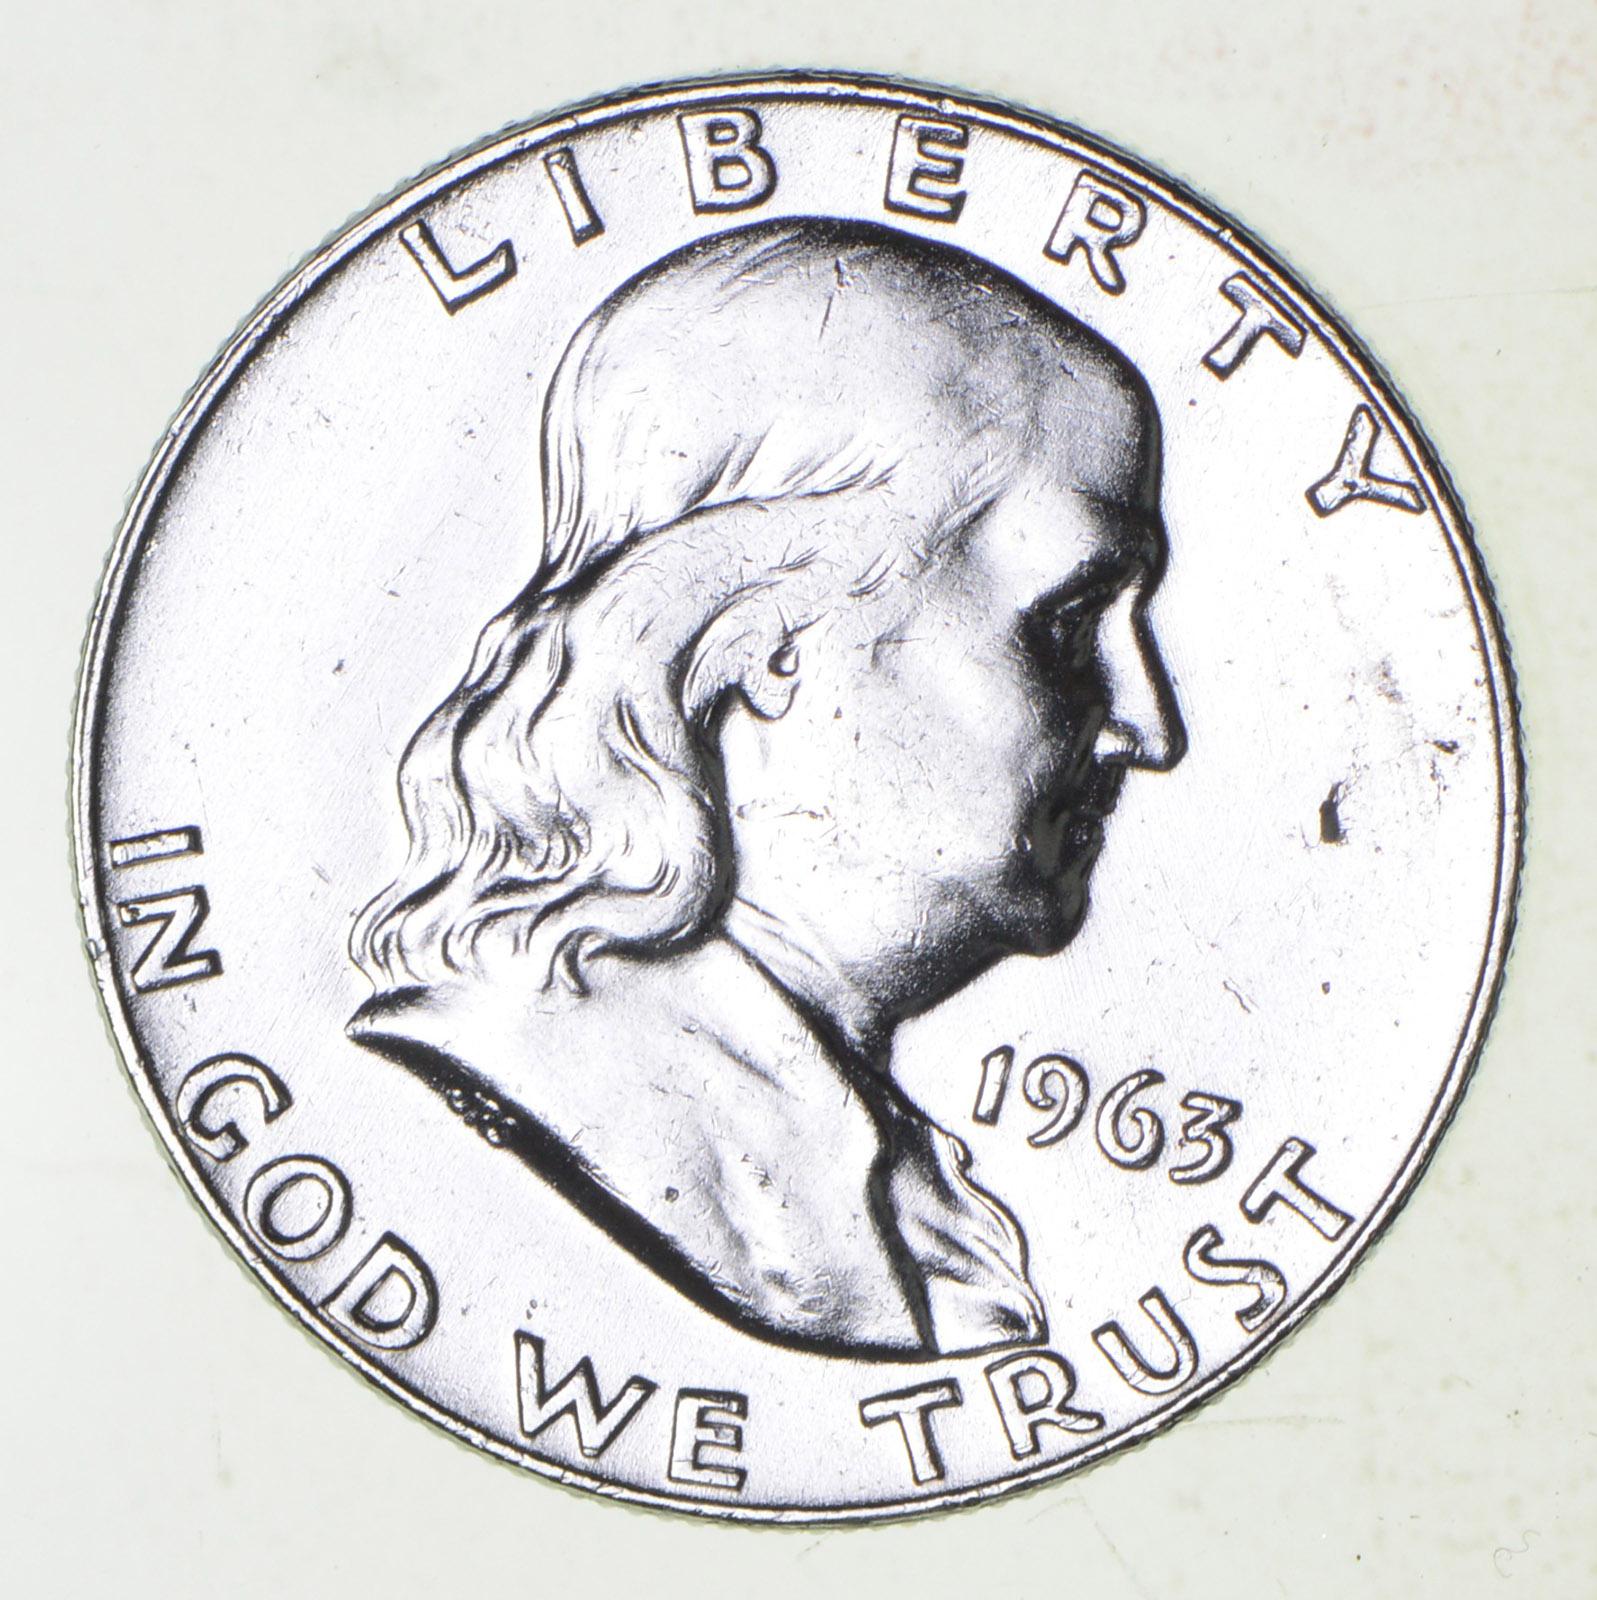 Higher Grade - 1963-D - RARE Franklin Half Dollar 90% SIlver Coin